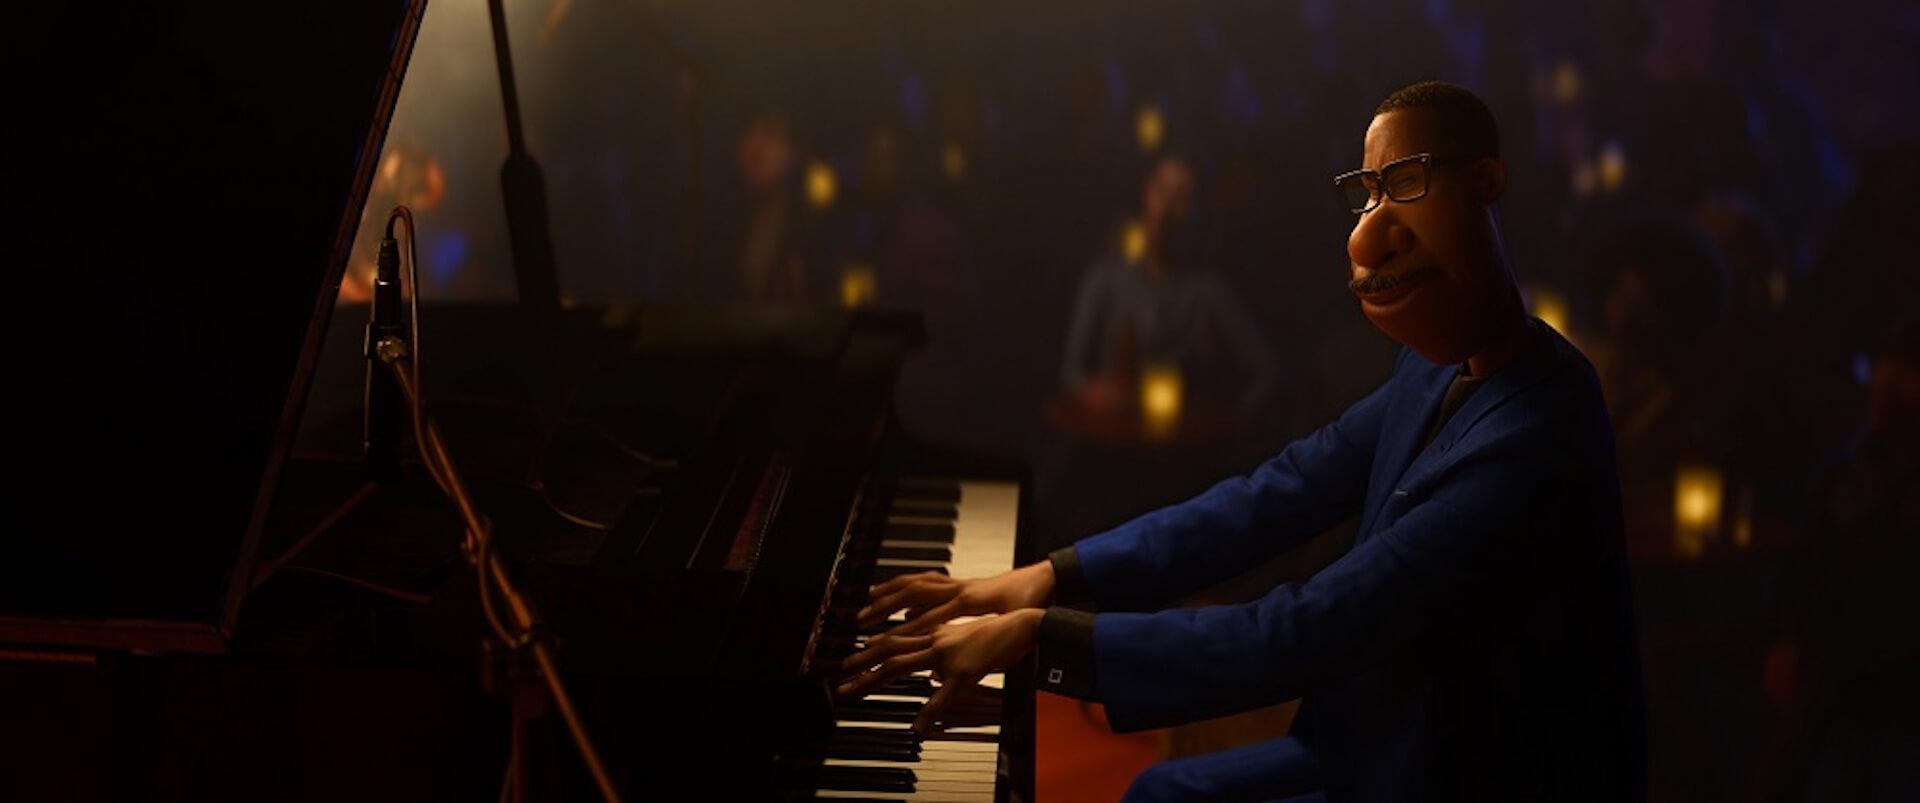 ディズニープラスで配信の『ソウルフル・ワールド』ジェイミー・フォックスが語るジョーのキャラクター性とは?ディズニー&ピクサー最新作の特別映像が解禁! film201215_soulfullworld_specialmovie_2